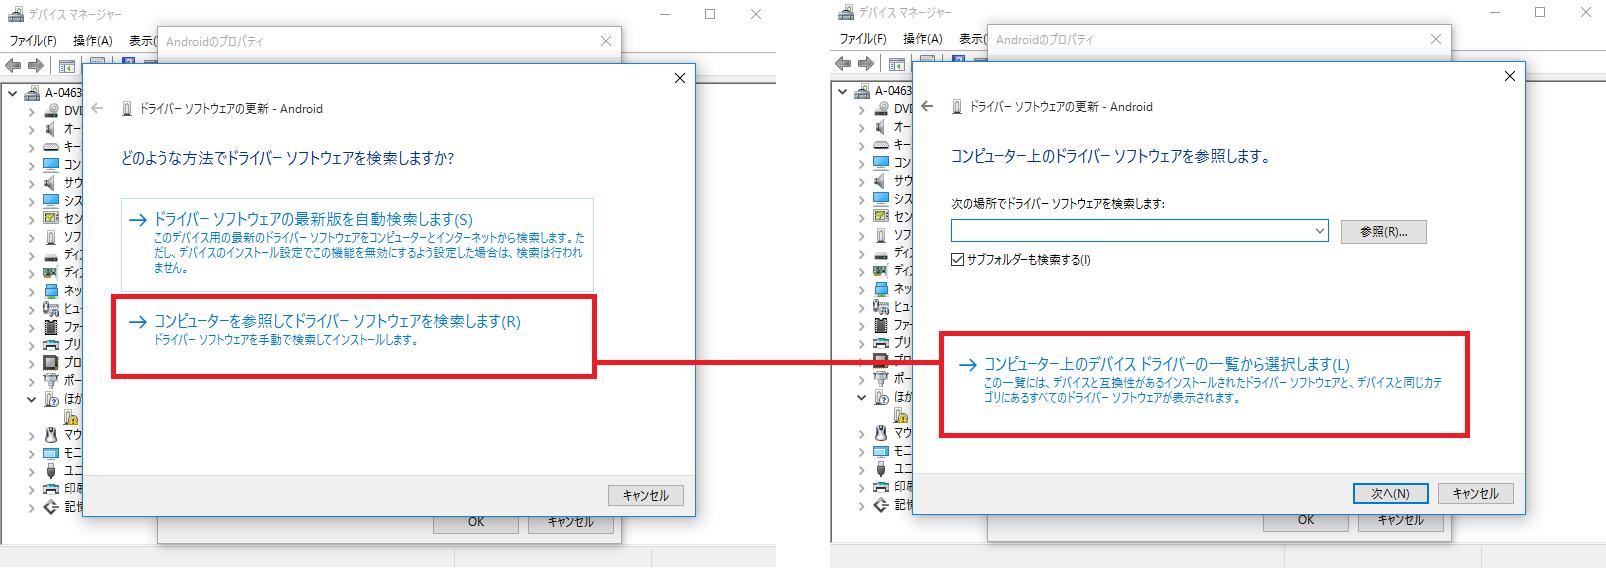 6_ソフトウェア検索.png